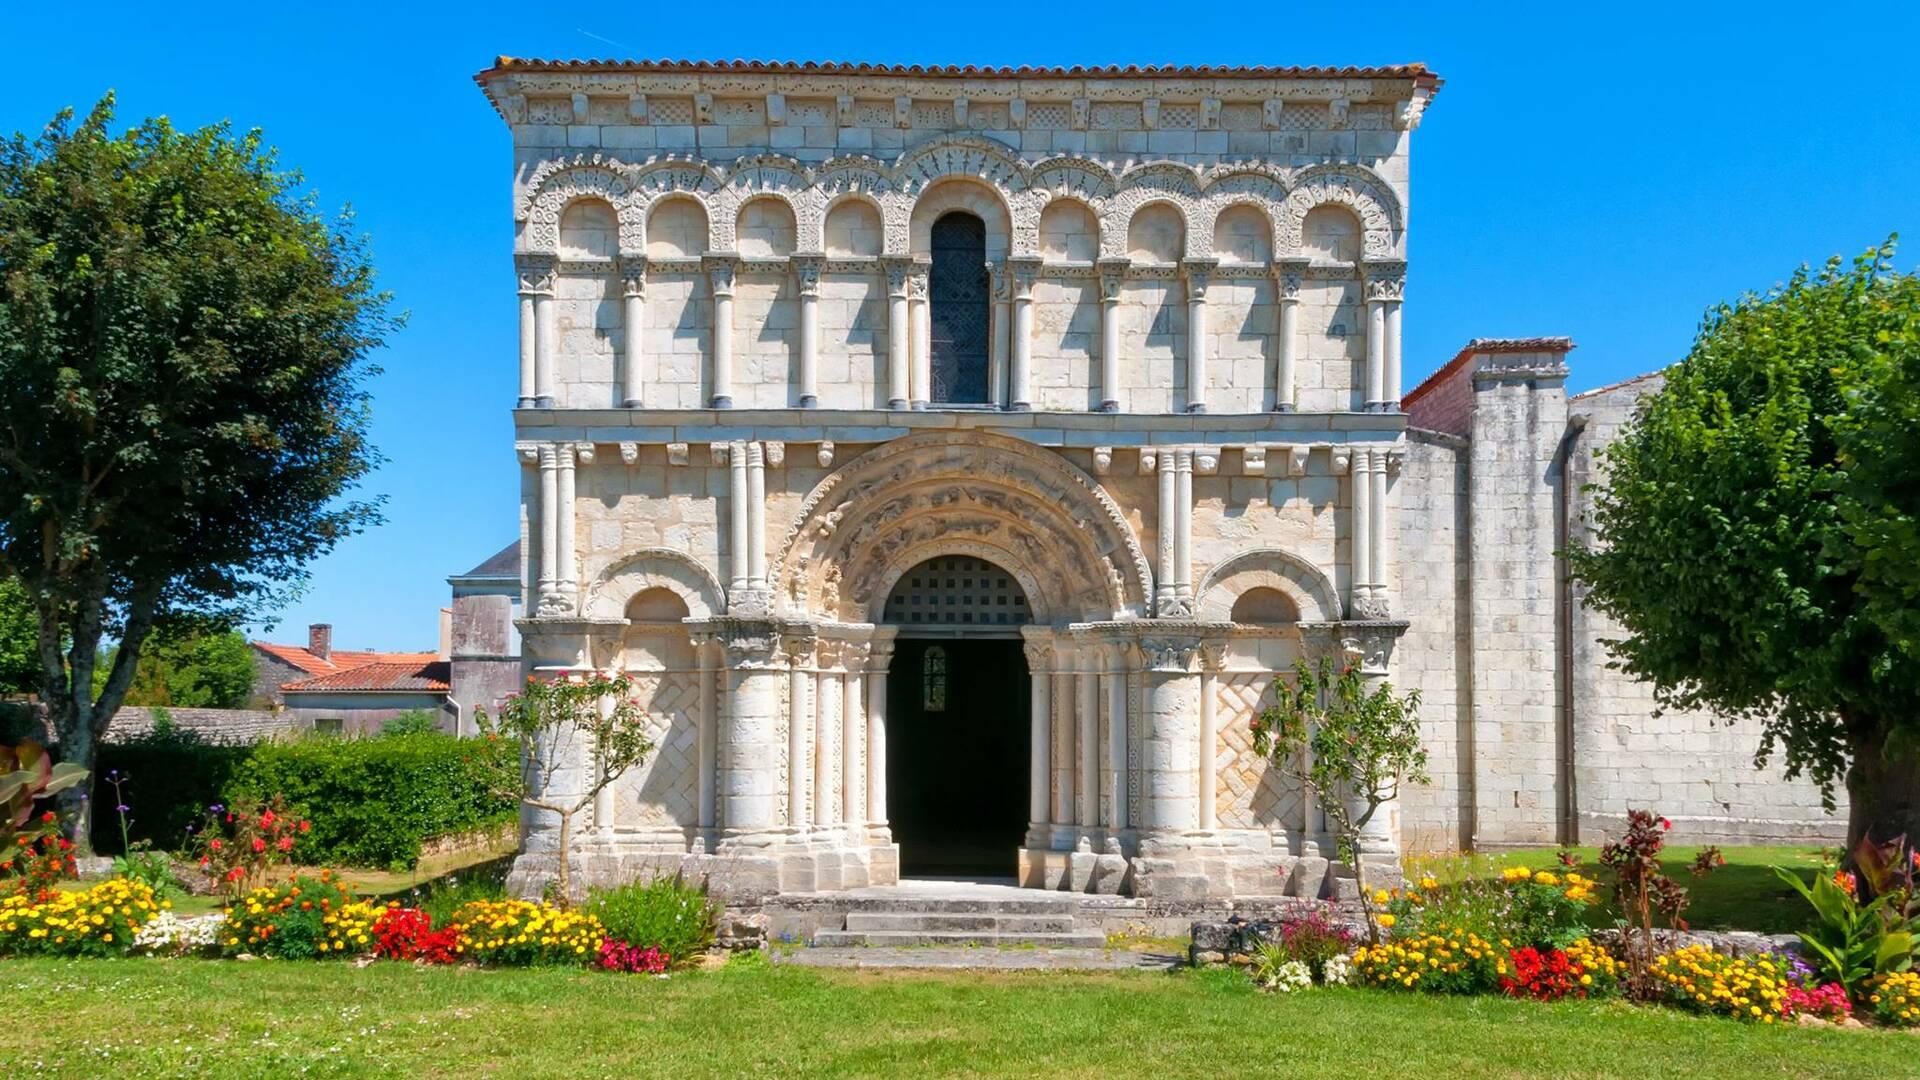 Die romanische Kirche Notre Dame de l'Assomption in Échillais - © Vincent Edwell